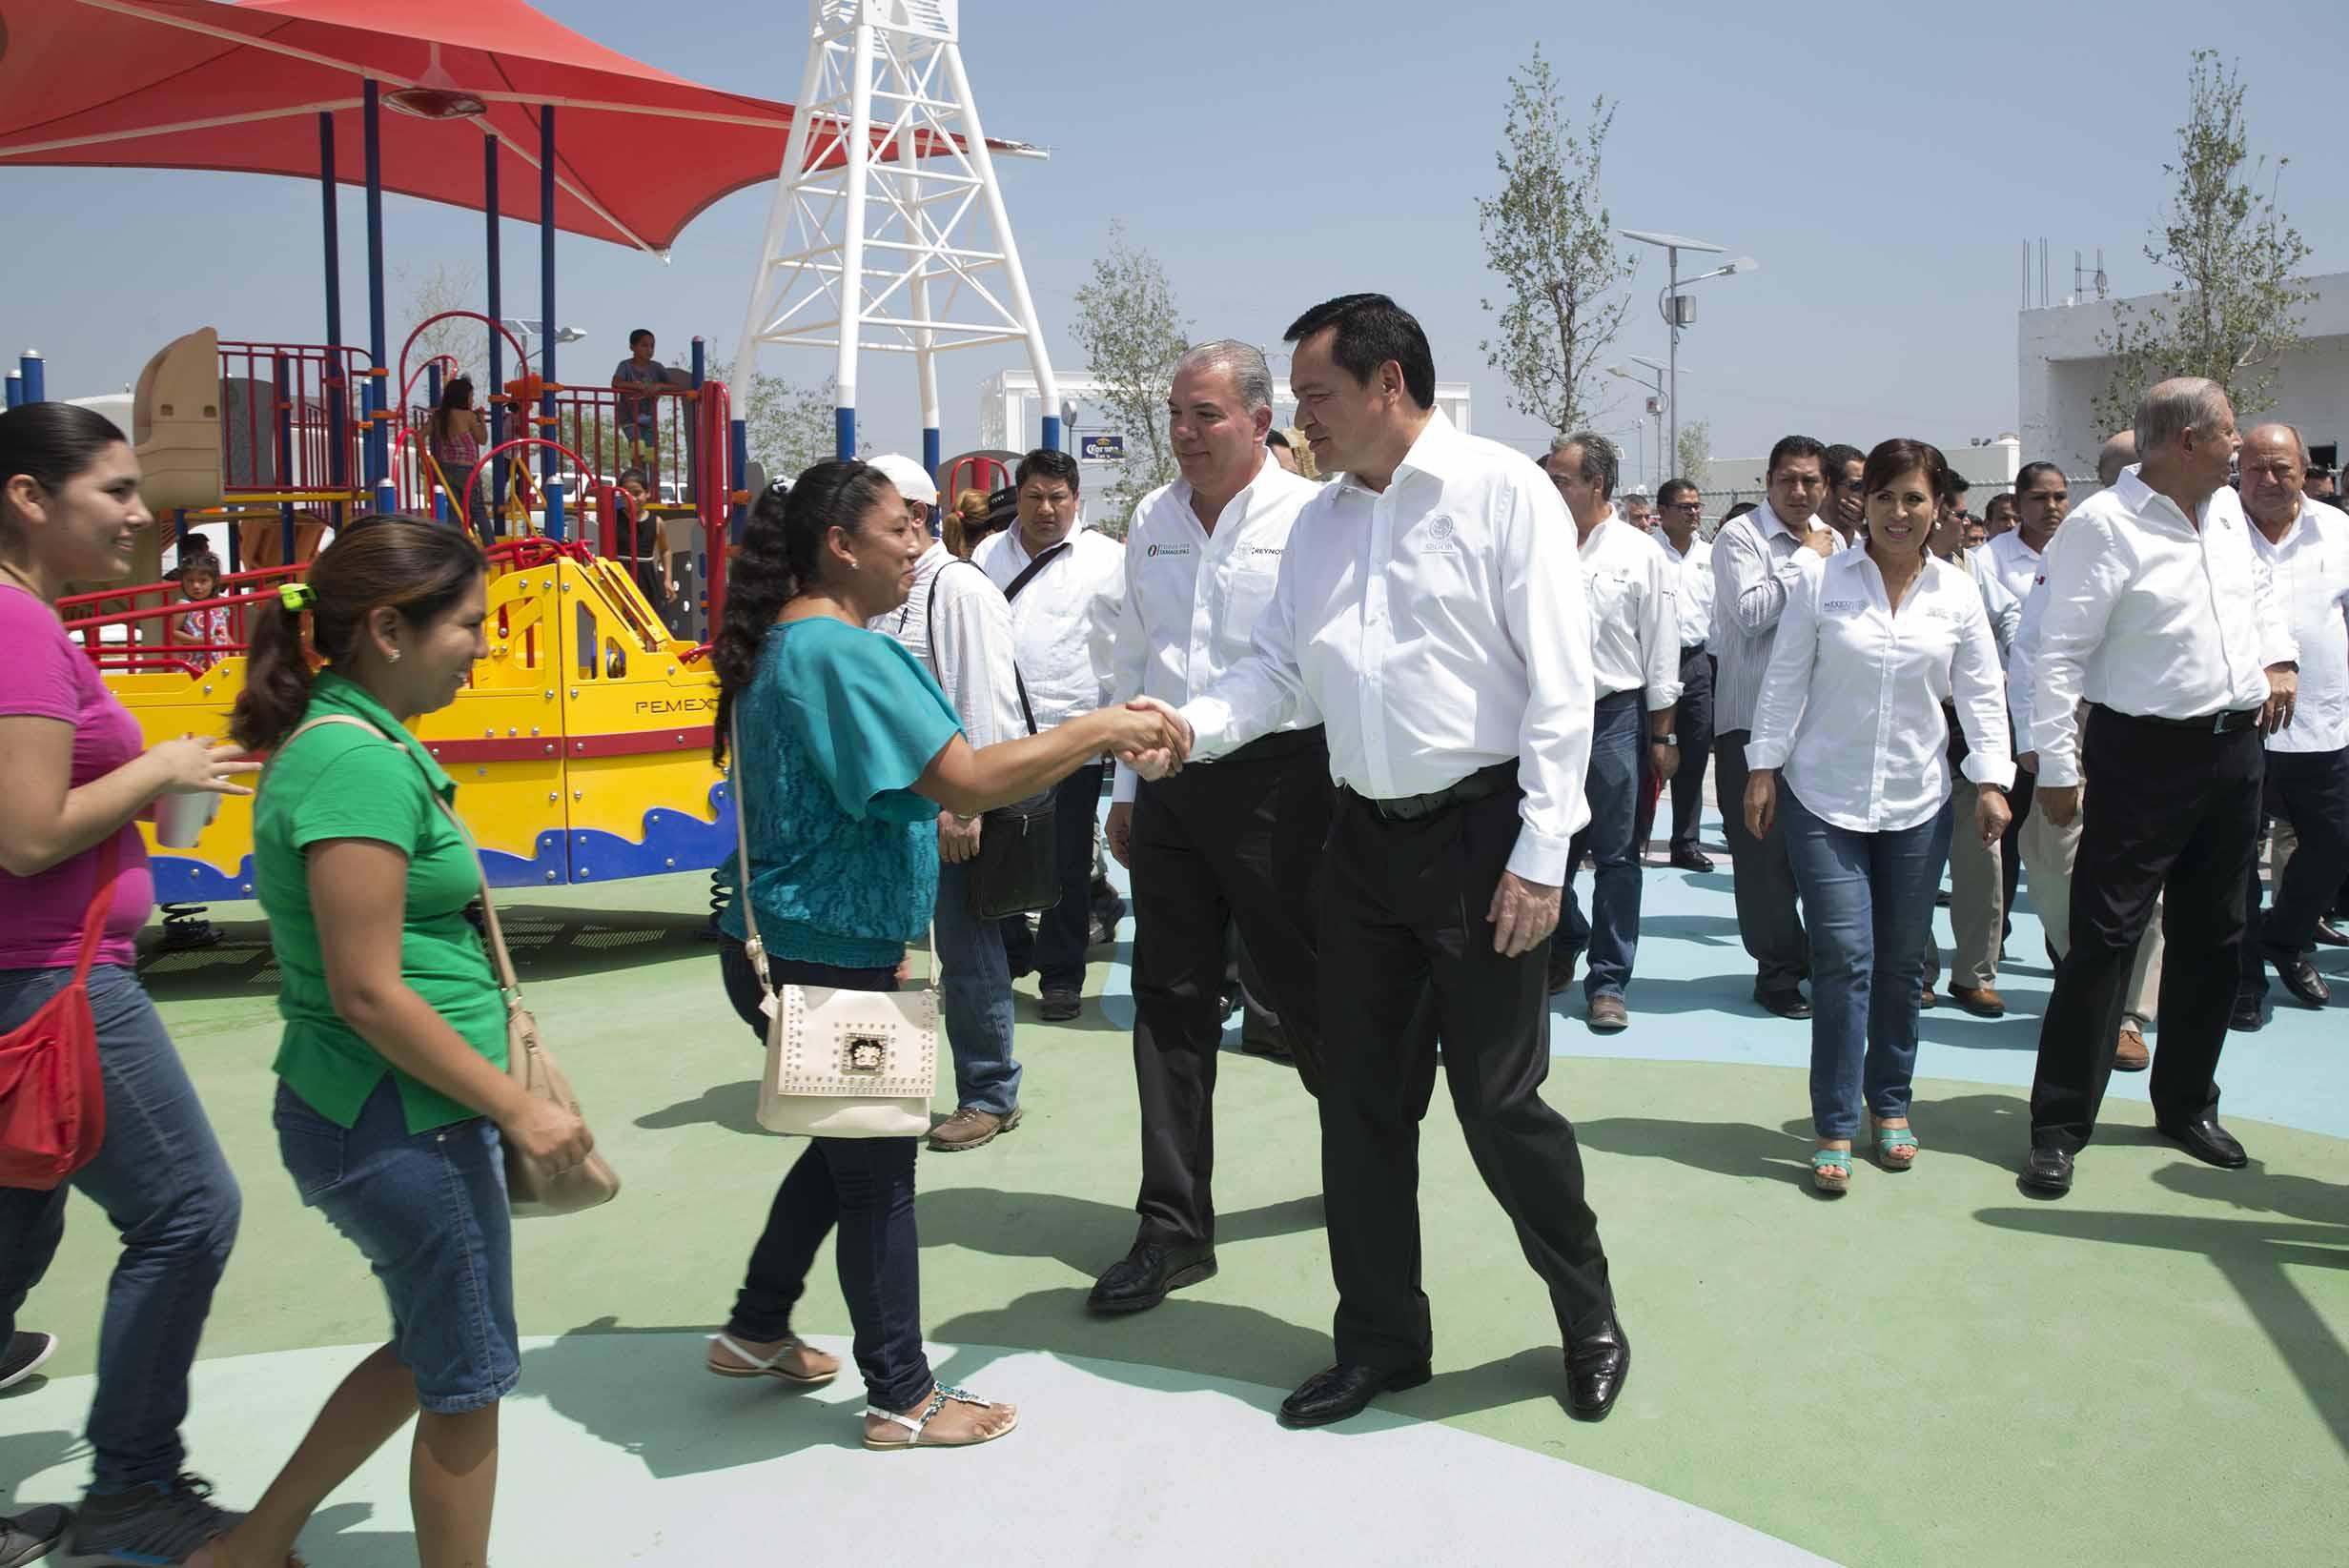 El Secretario de Gobernación, Miguel Ángel Osorio Chong, durante la inauguración del Parque de Barrio Lomas del Pedregal en Reynosa, Tamaulipas